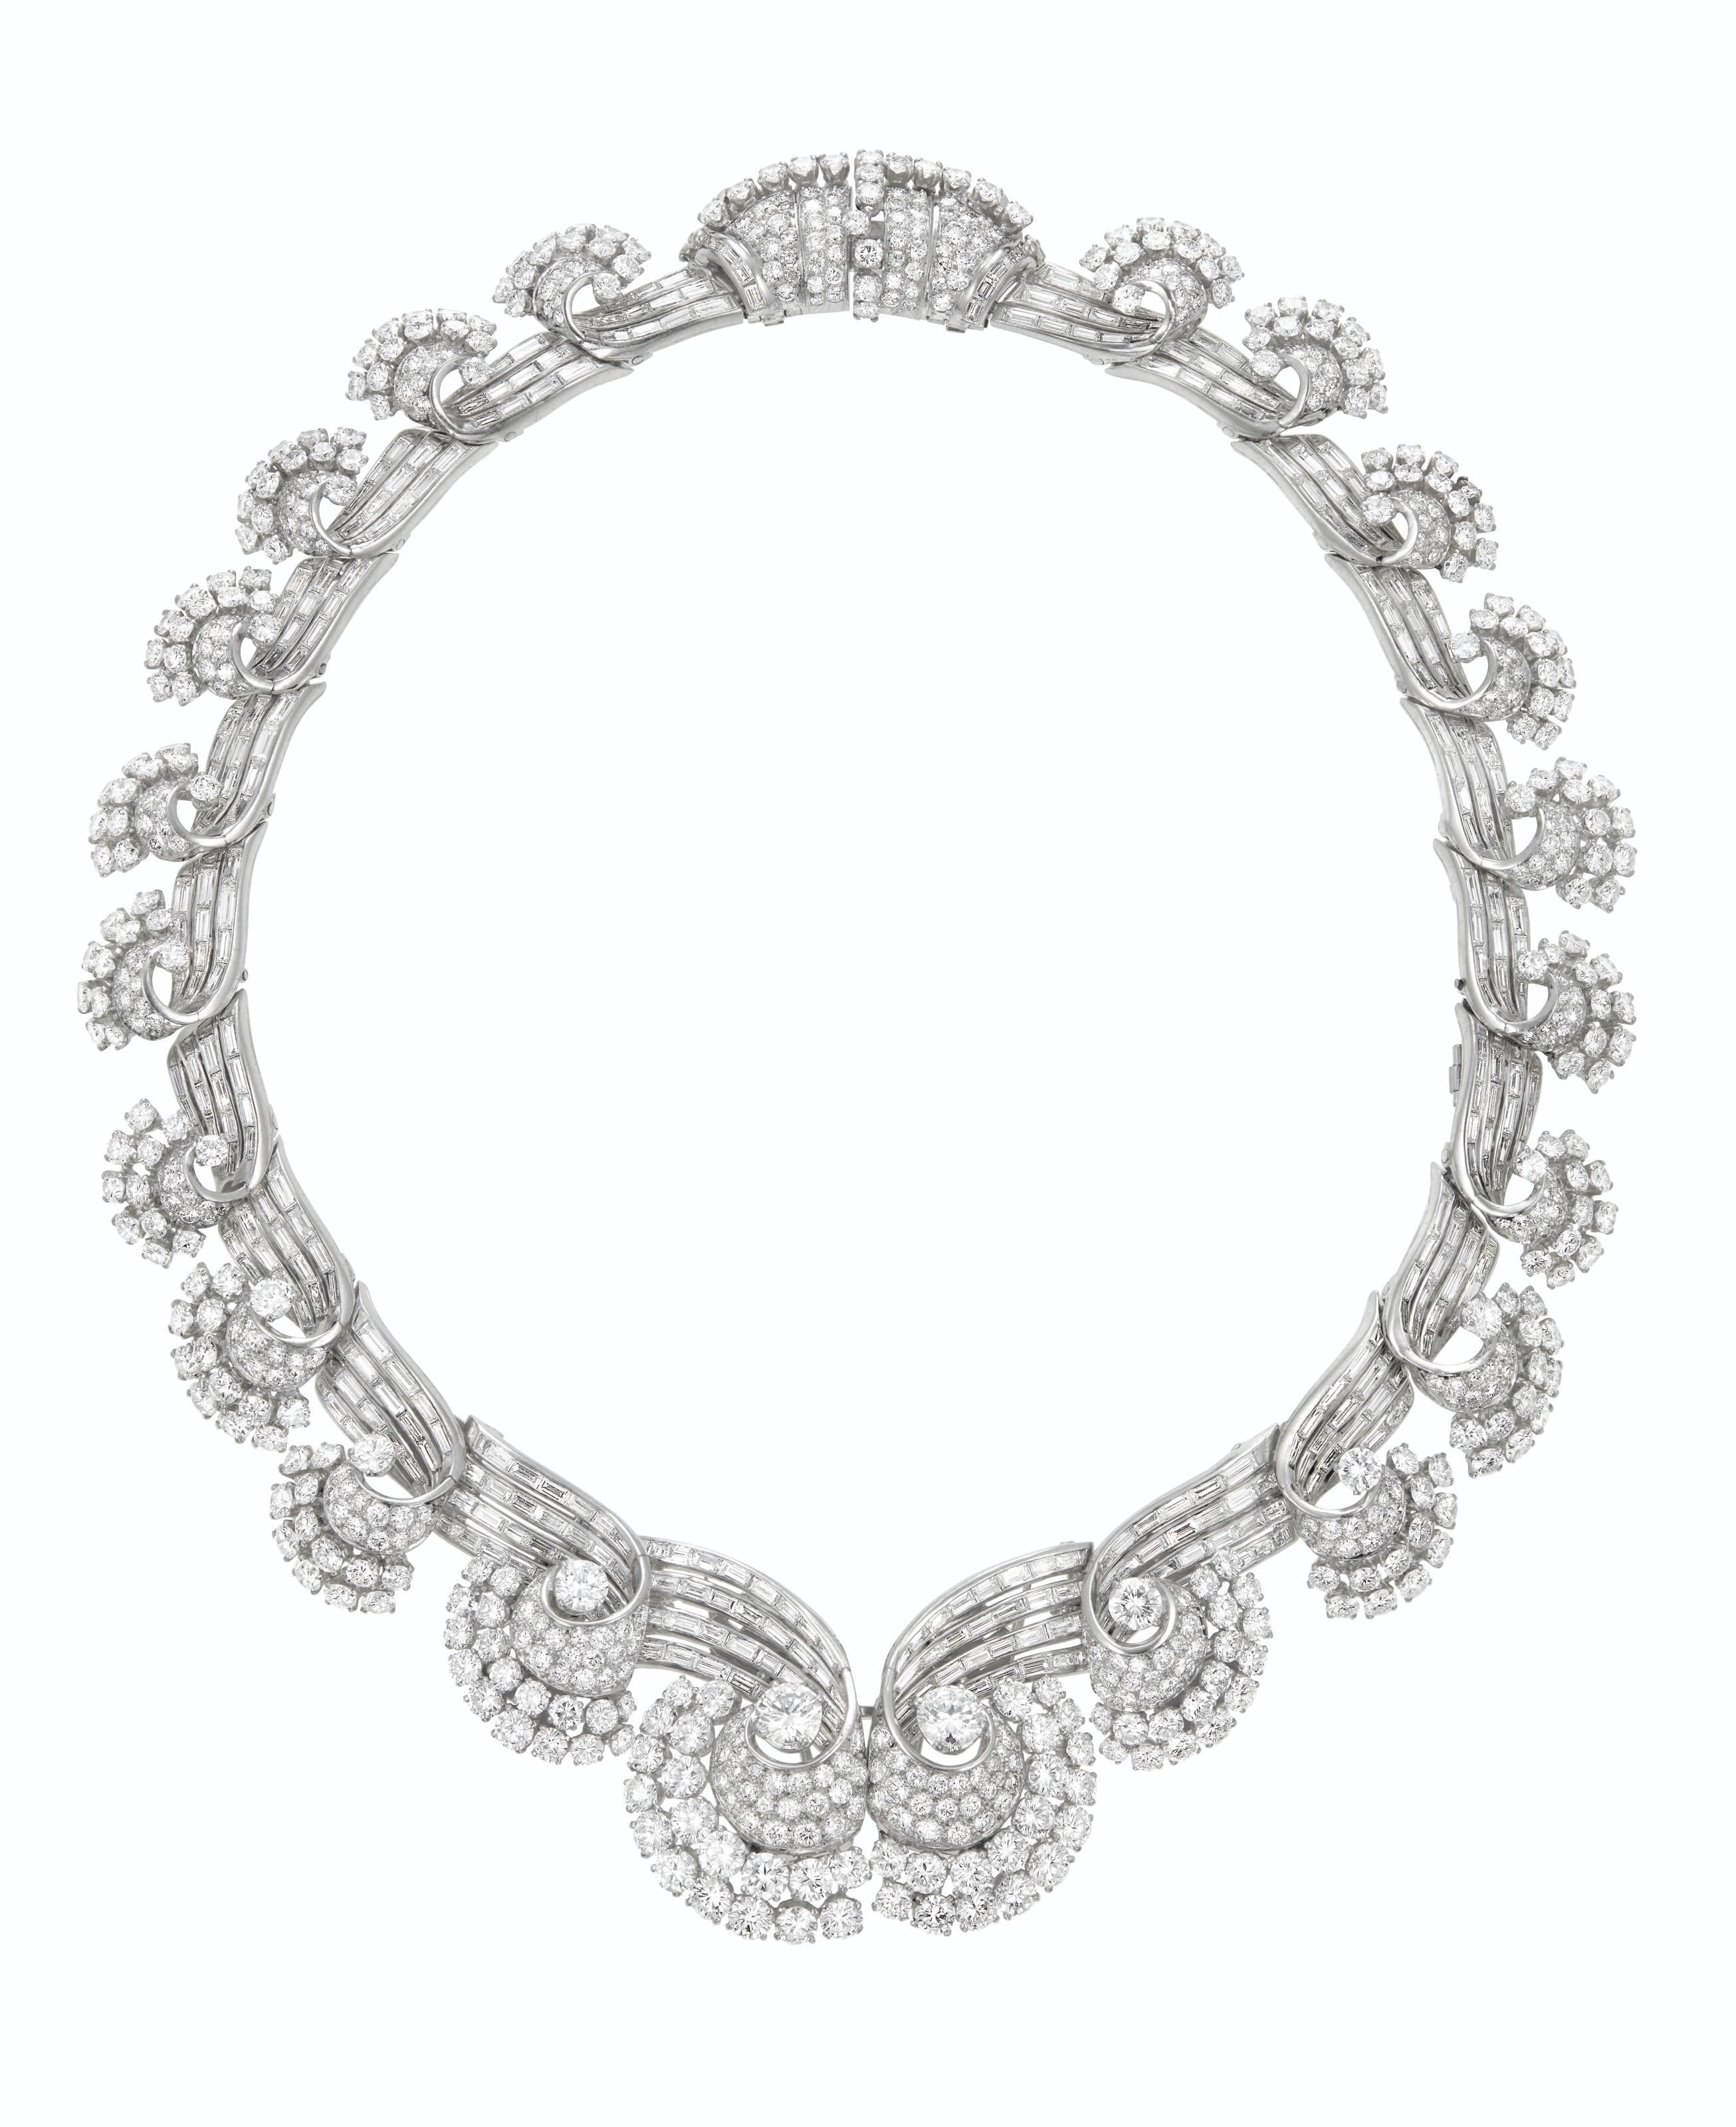 RENÉ BOIVIN ART DECO DIAMOND NECKLACE